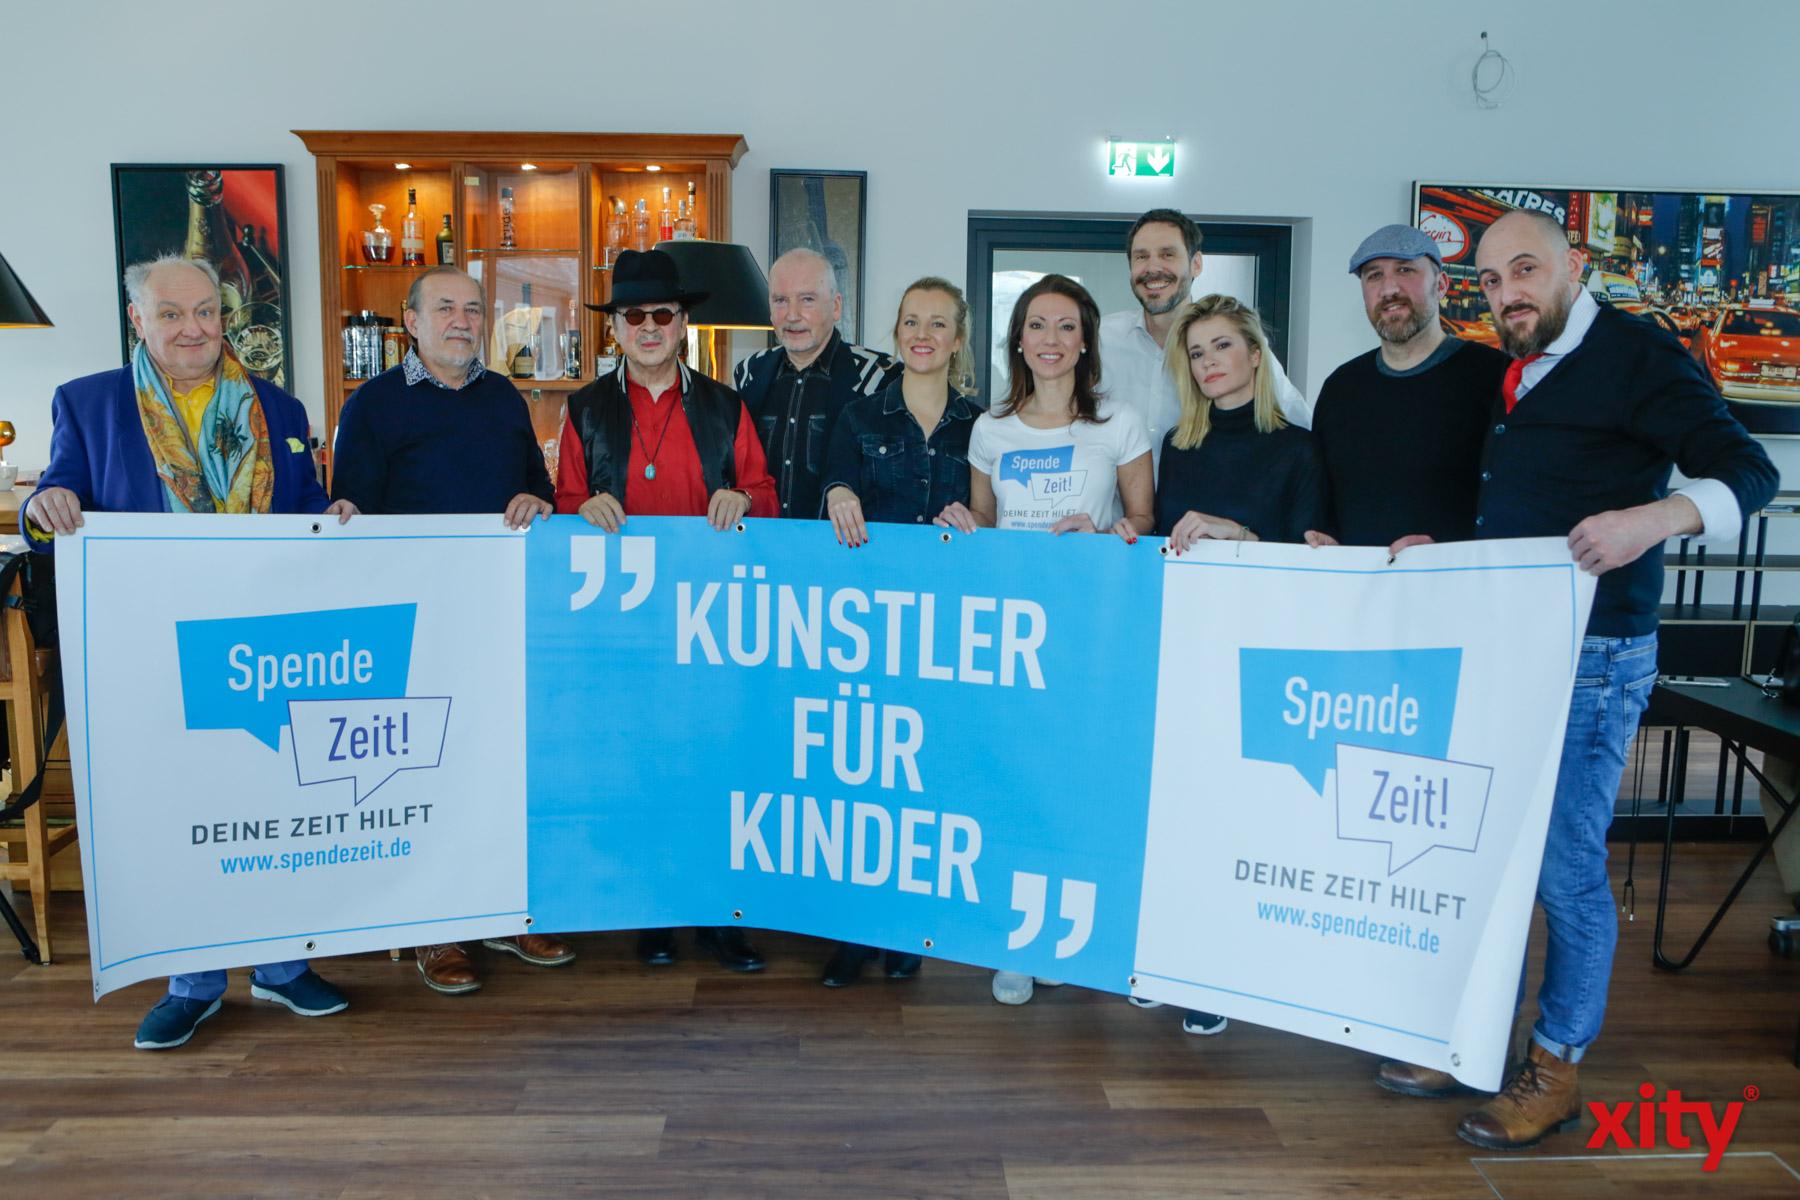 Düsseldorfer Künstler spenden für Kinder